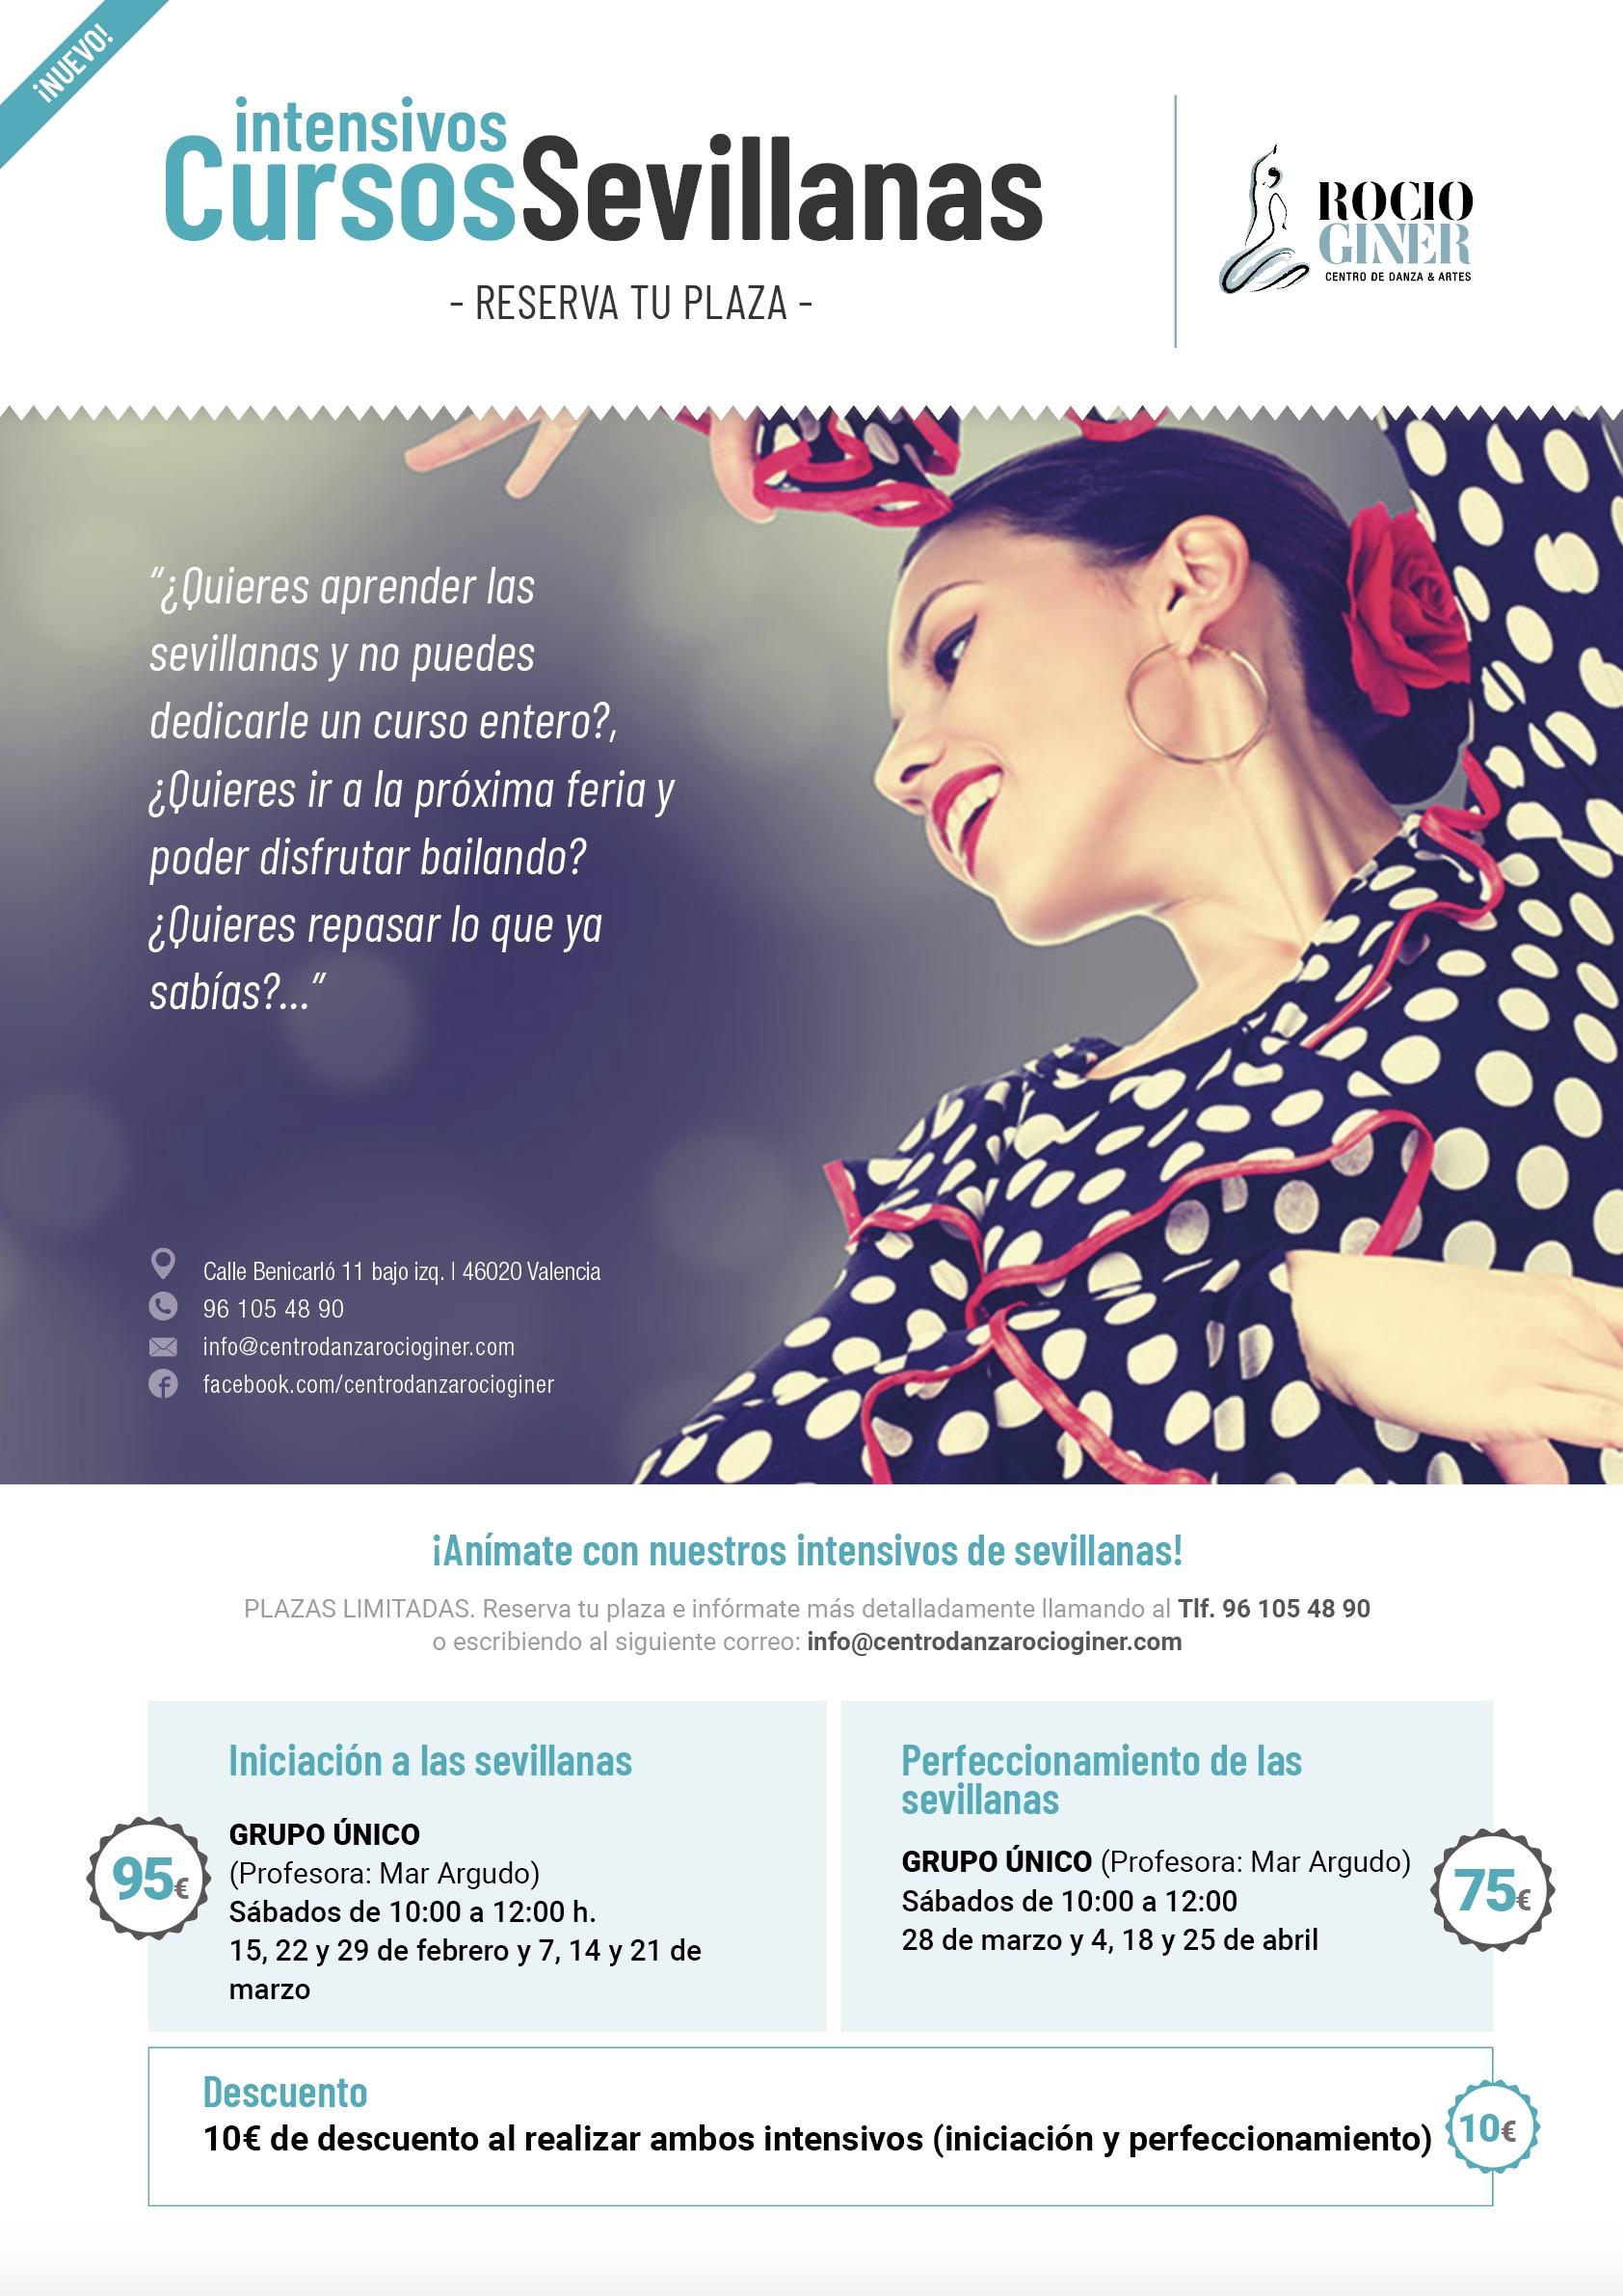 cursos sevillanas en Valencia